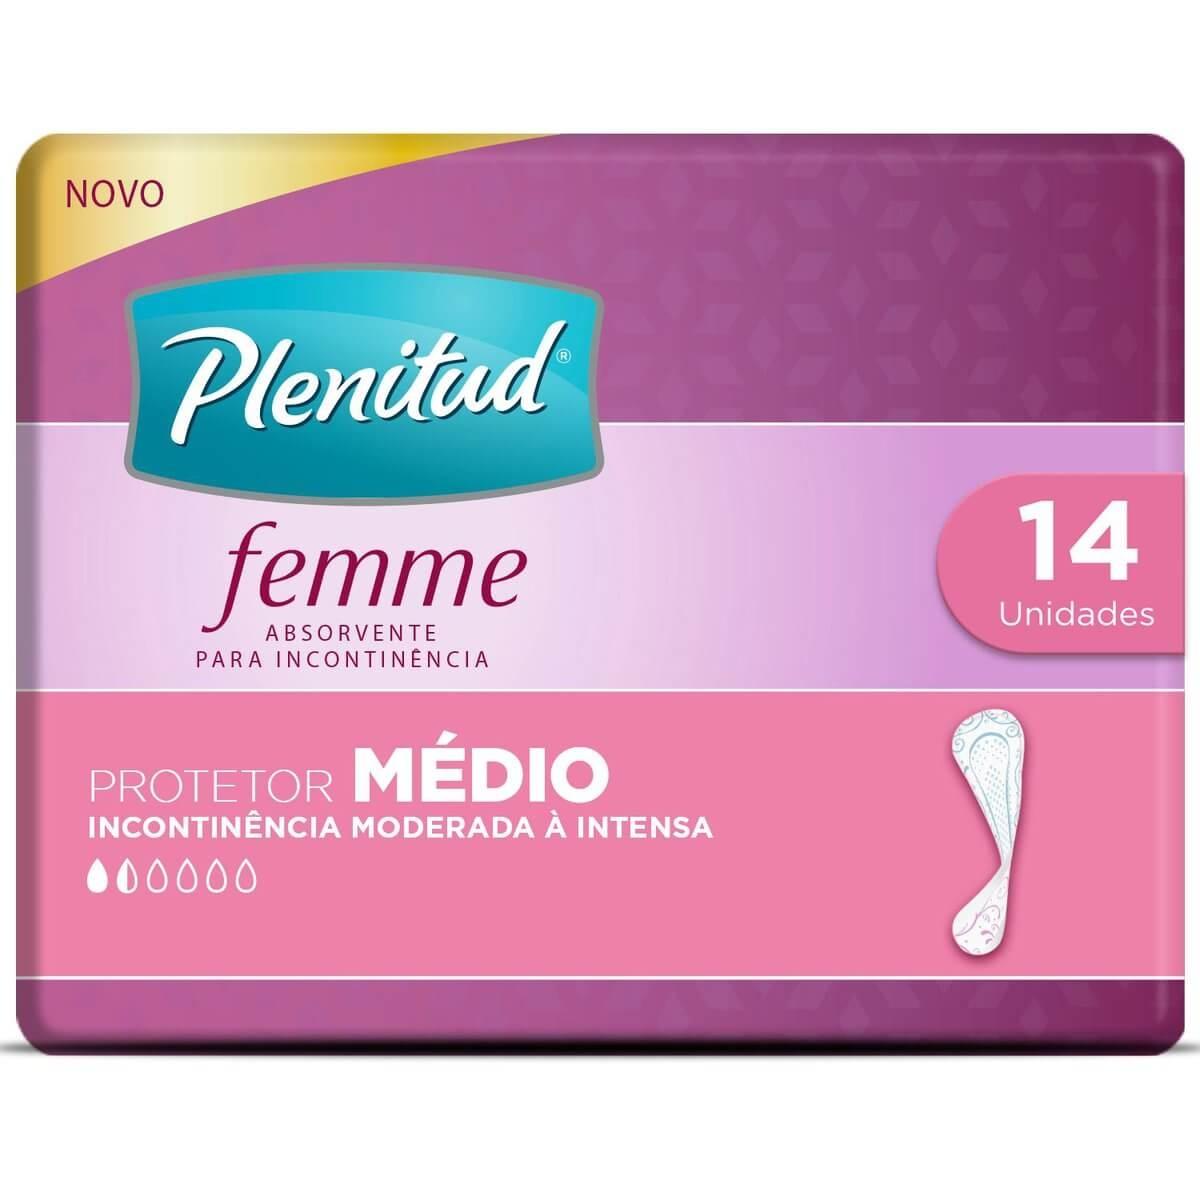 Protetor Diário Plenitud Femme Médio com 14 Unidades 14 Unidades